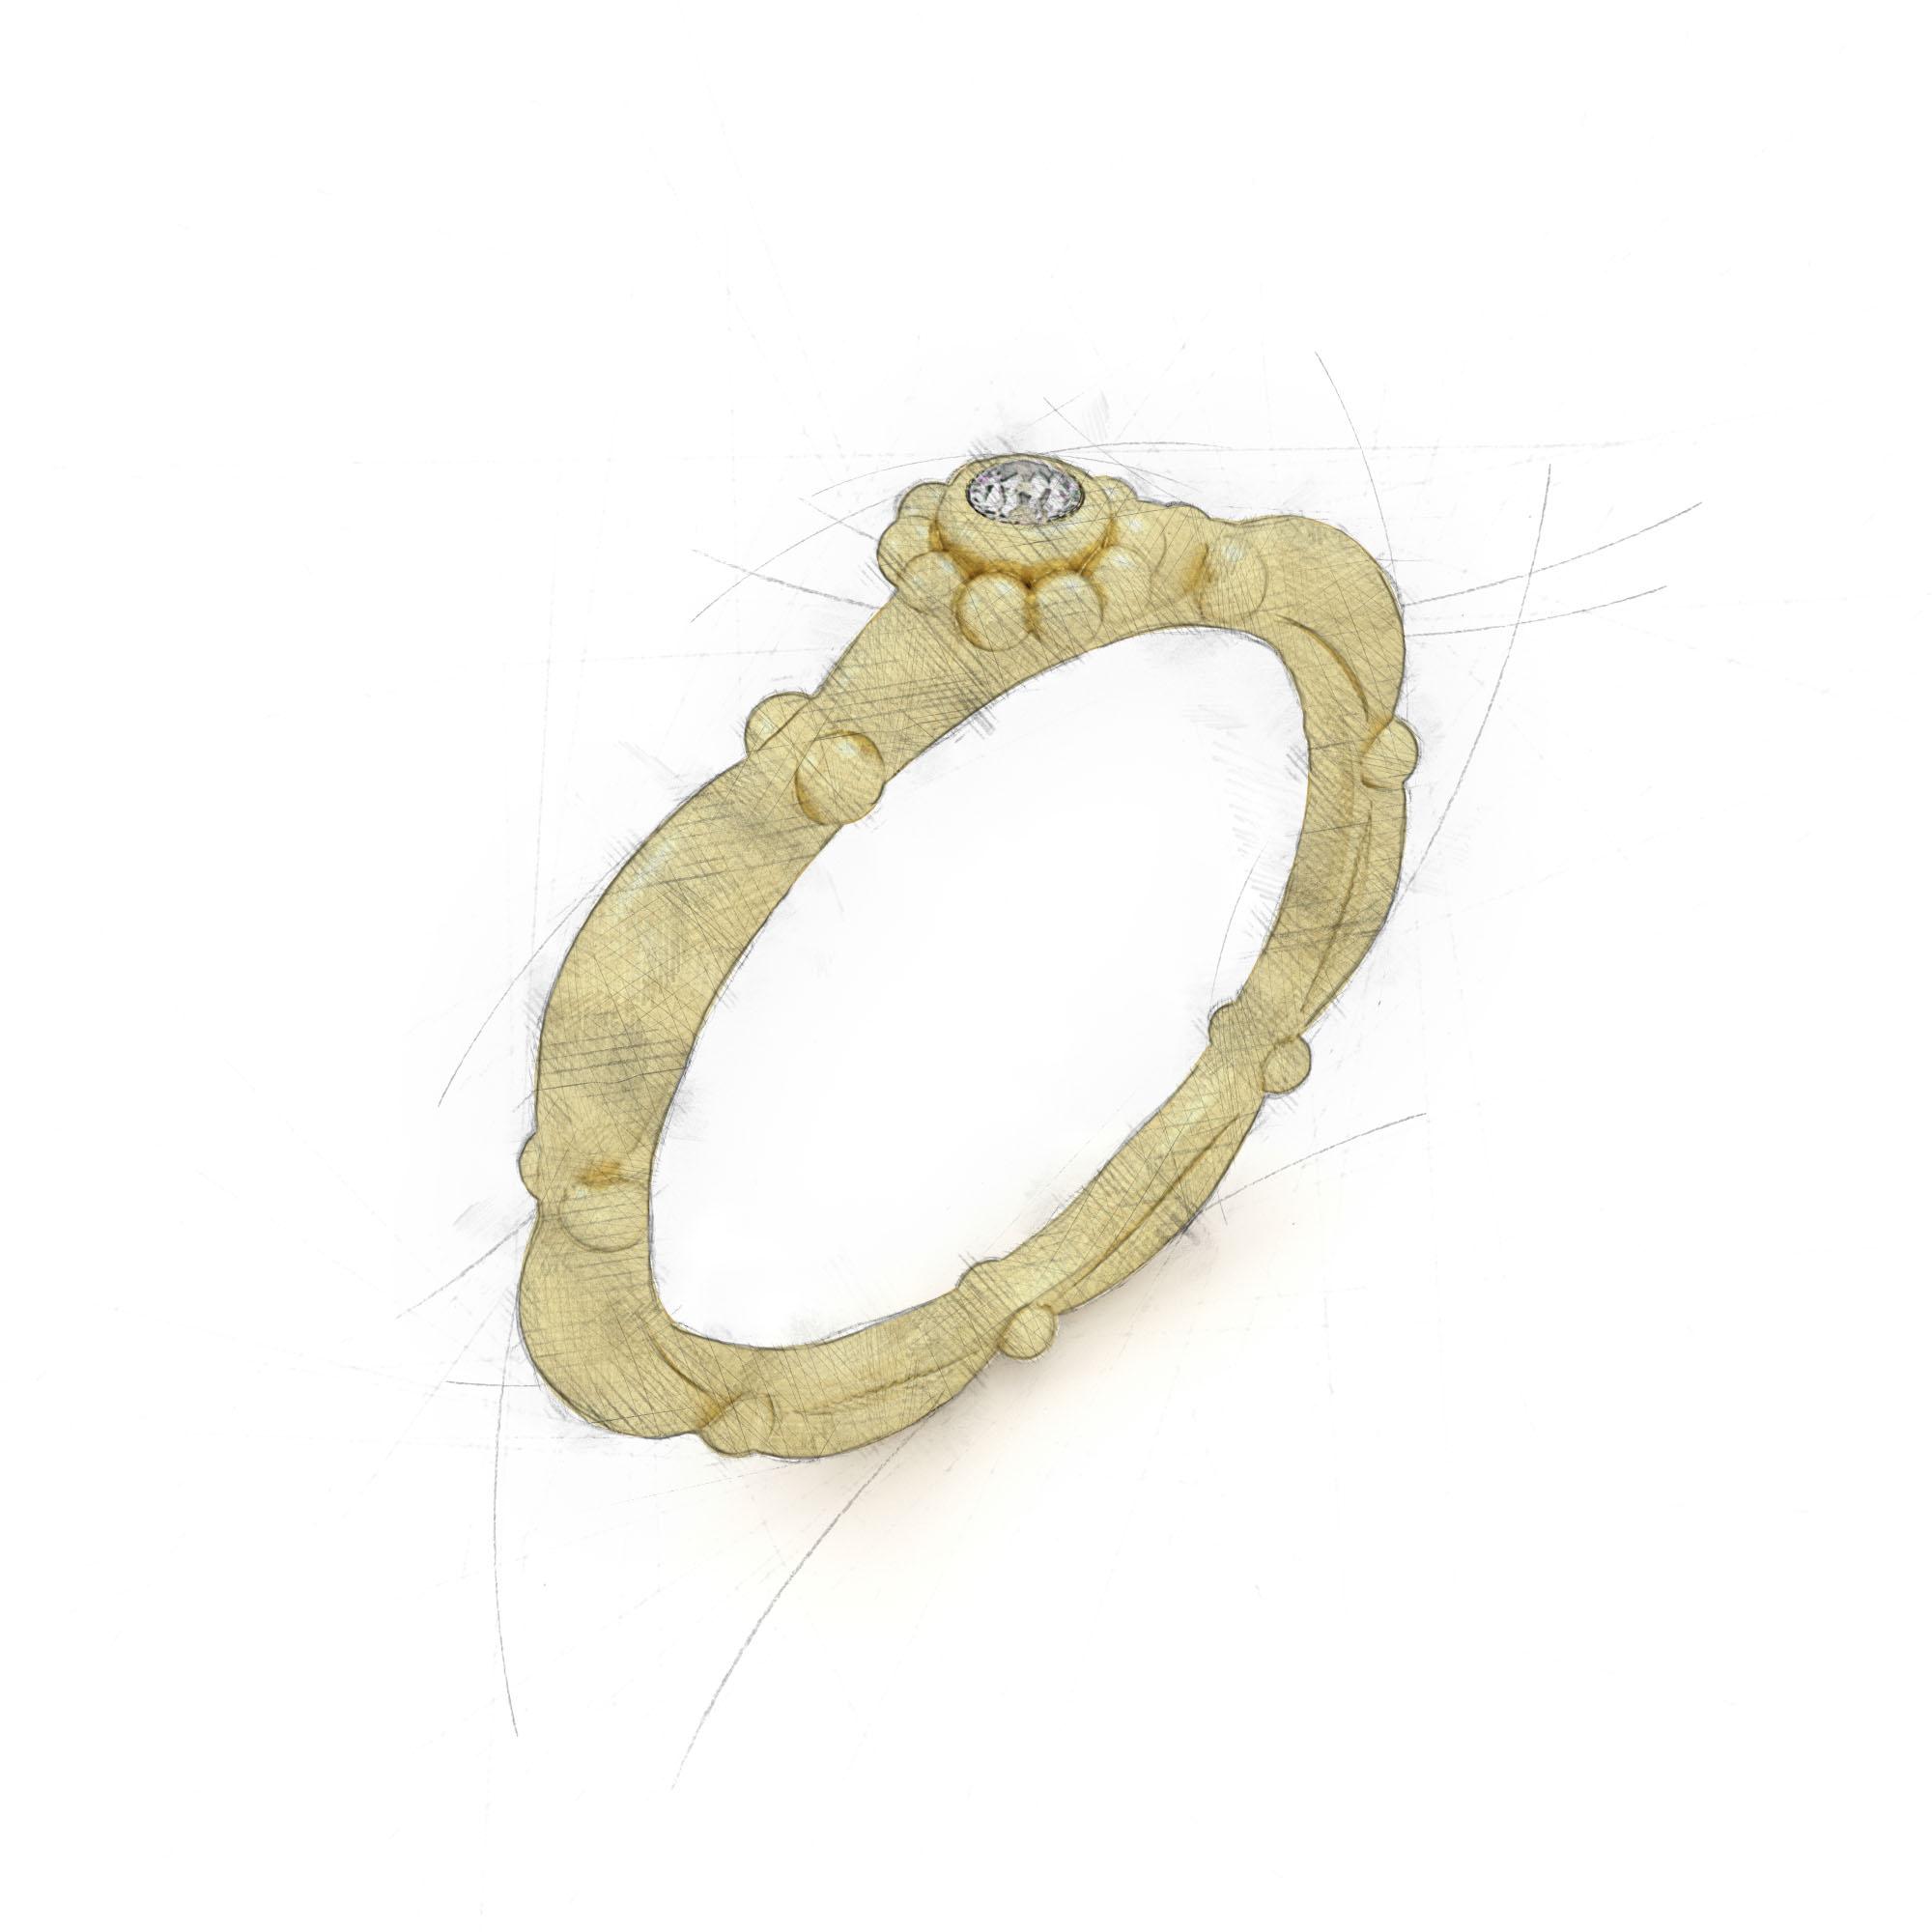 Zentraler Diamant in einem oval-kreisförmigen Damenring von Filiotti